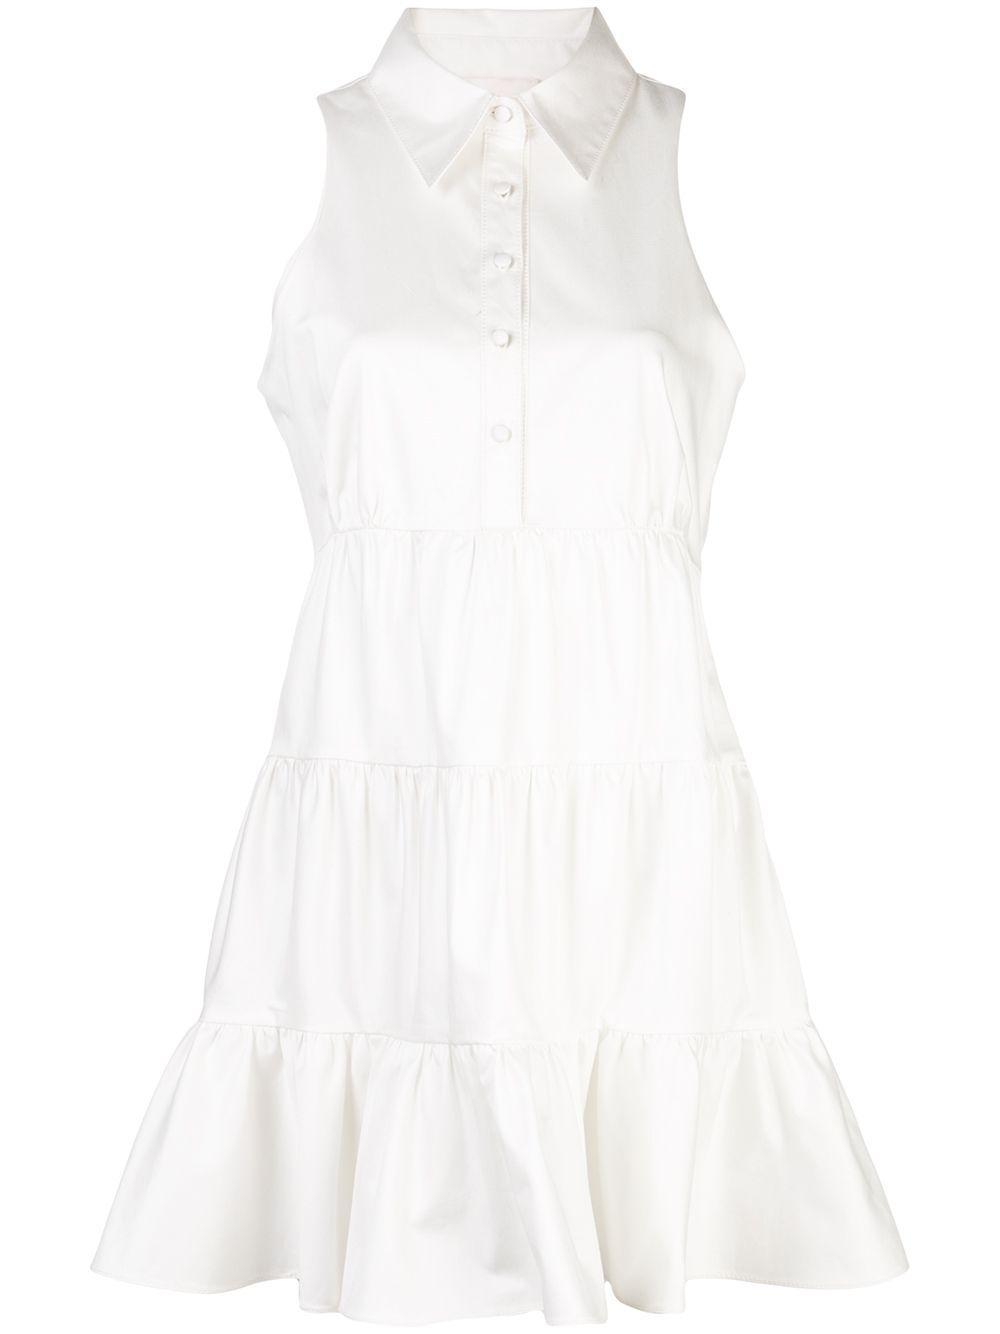 Bennett Shirt Dress